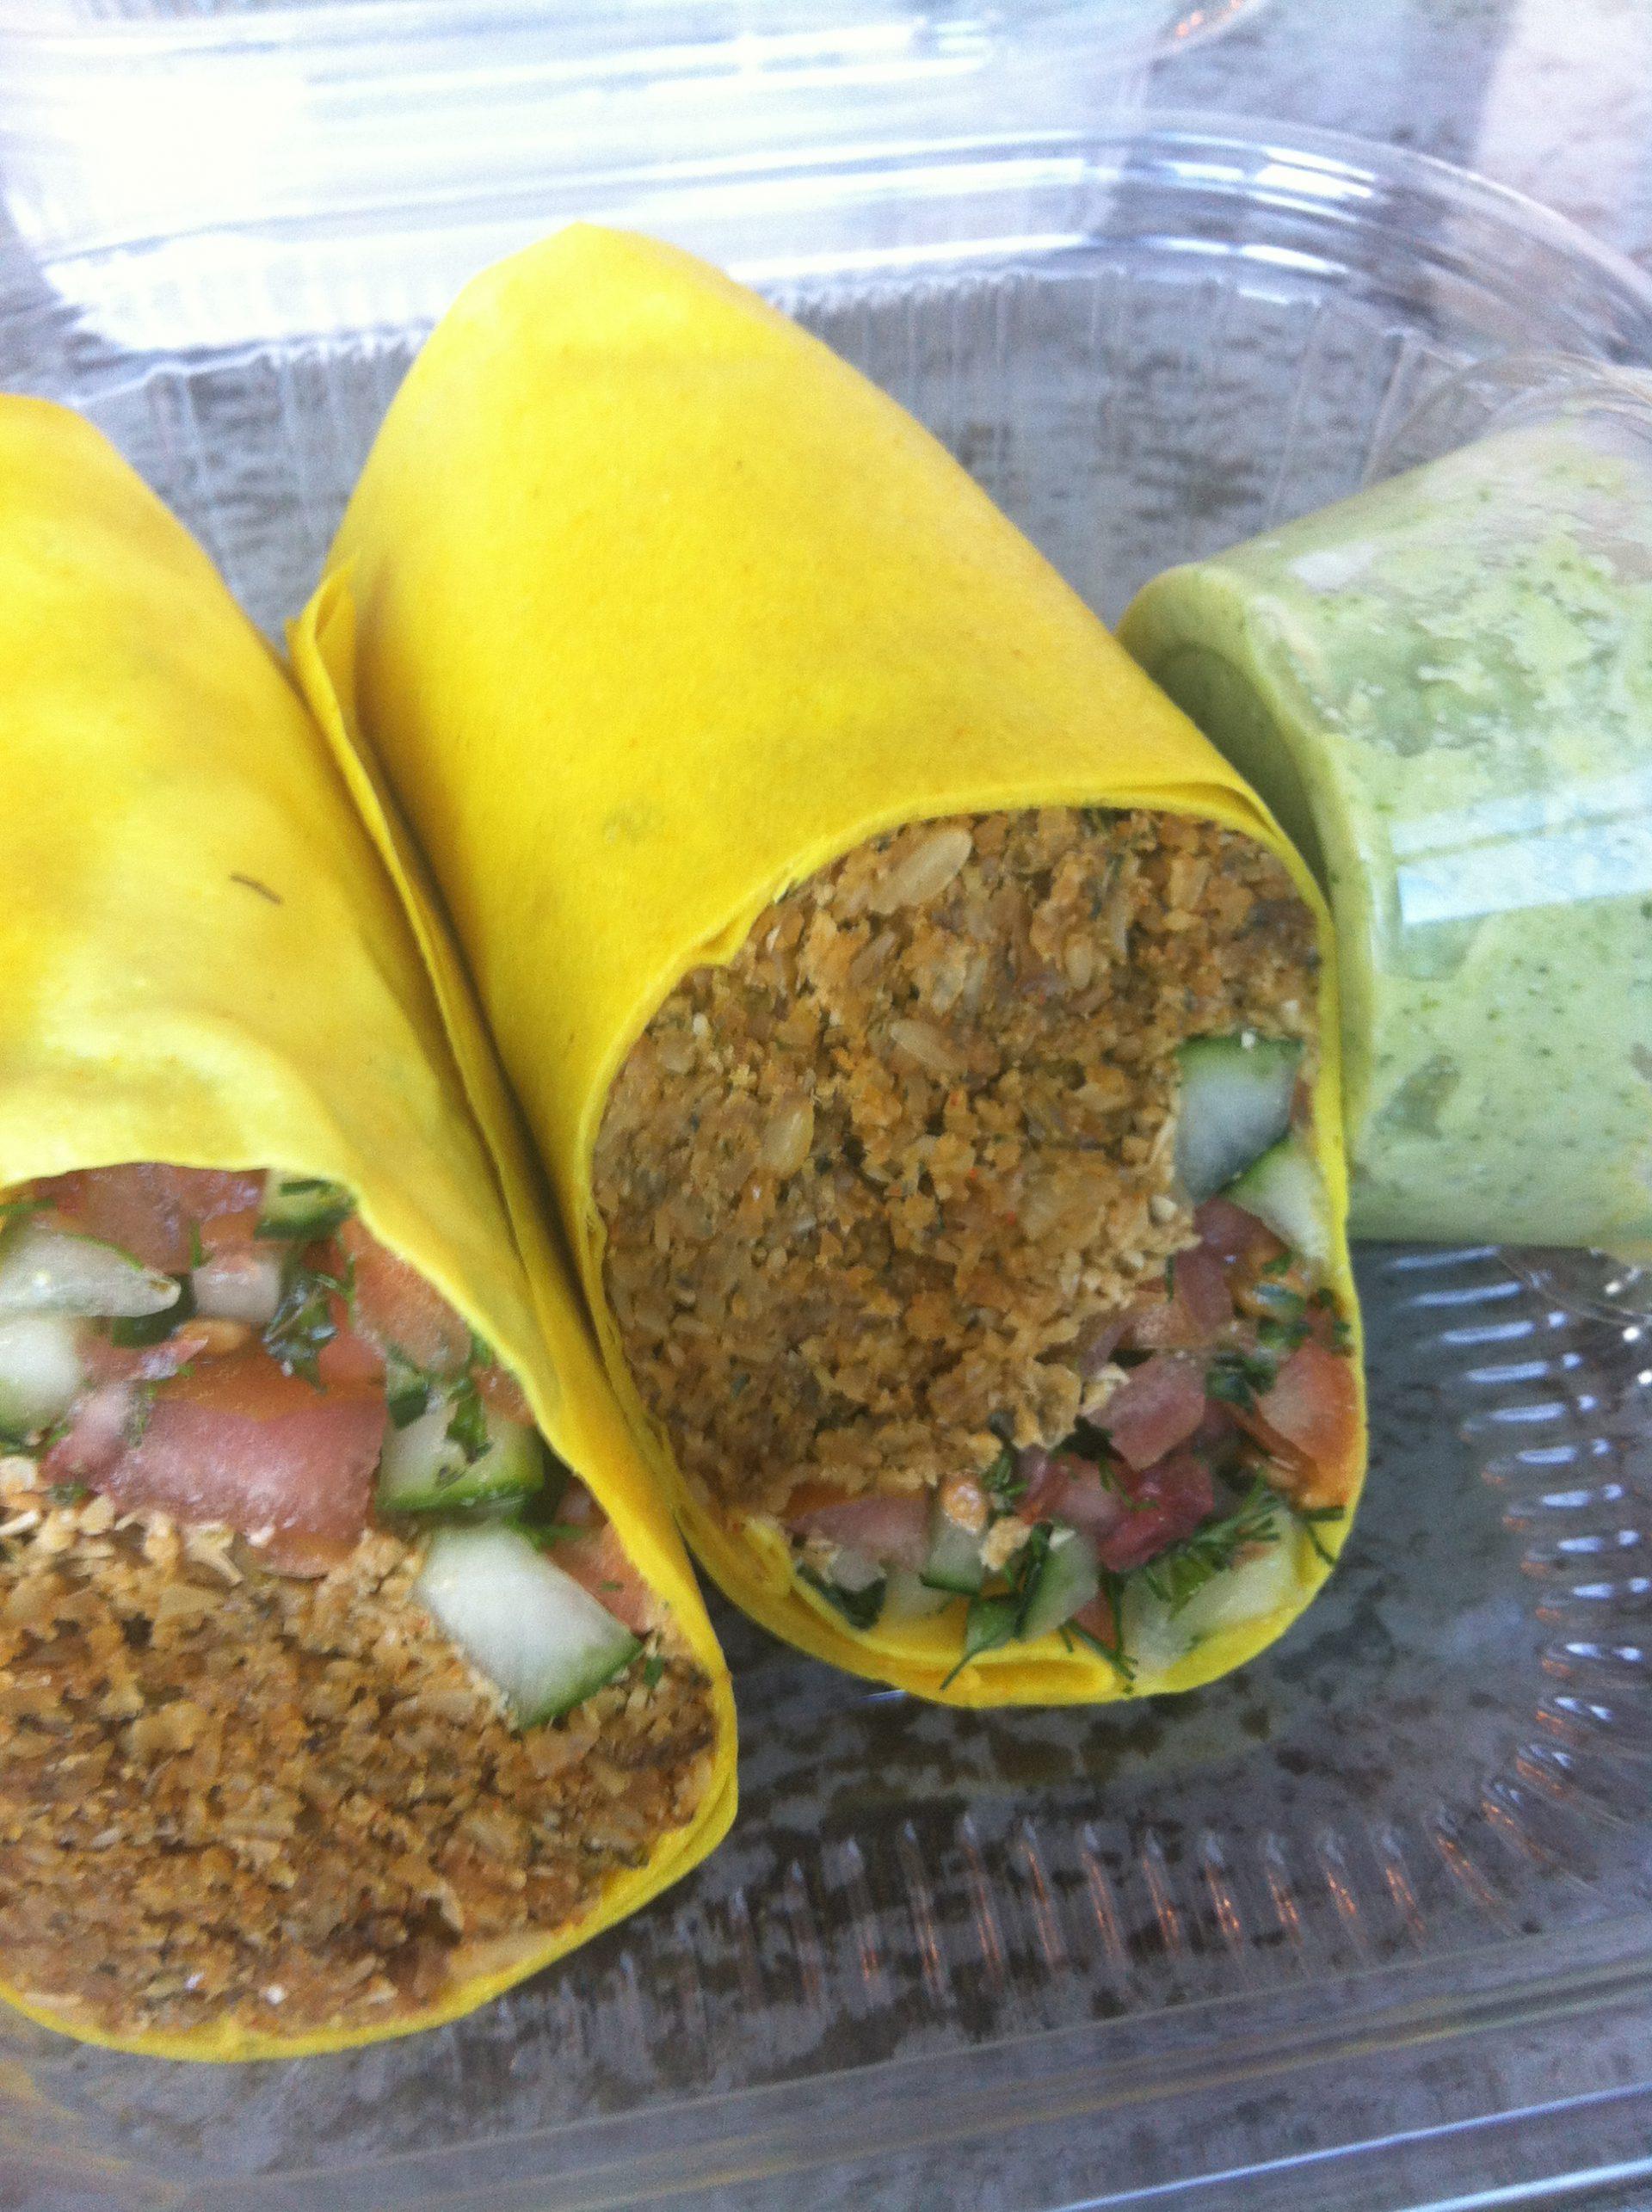 Lifefood Organic Raw Vegan Gluten Free Falafel